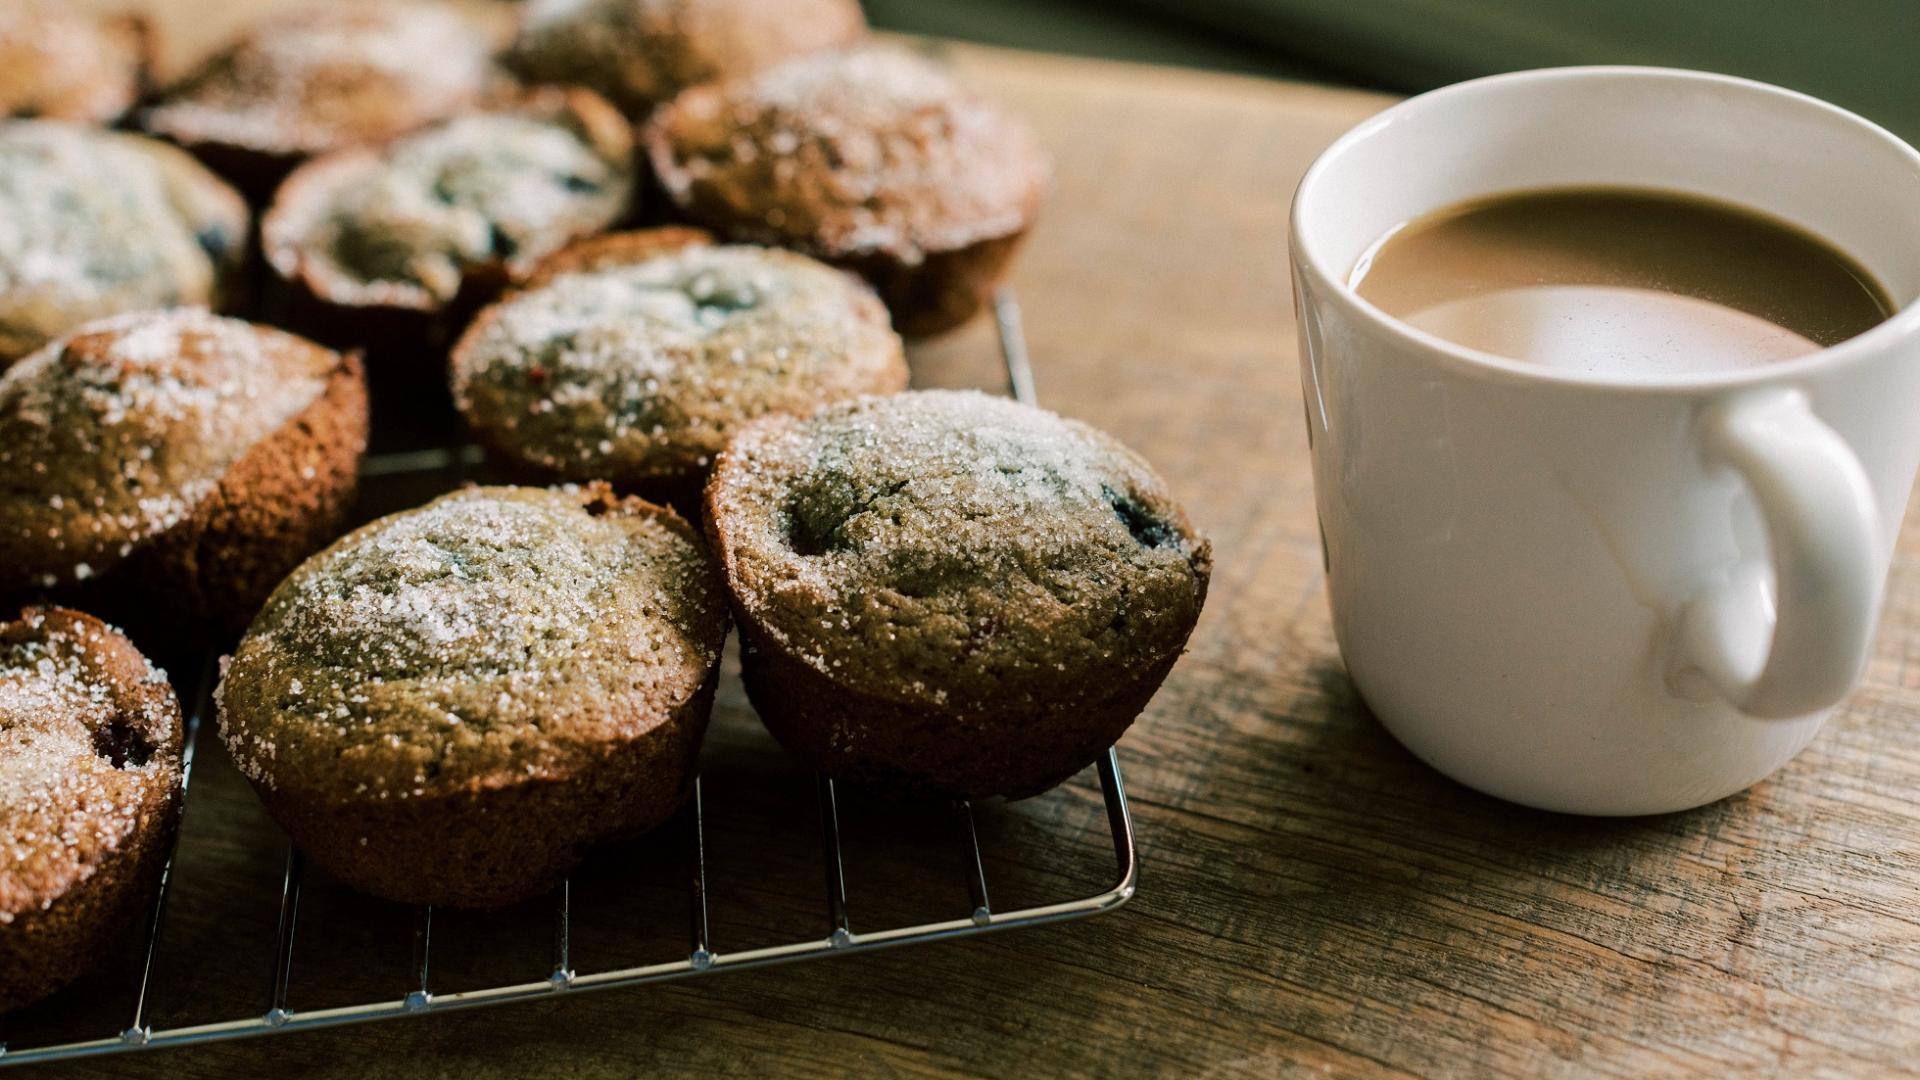 frisch gebackene Muffins mit Puderzucker auf Backgitter neben Kaffeetasse